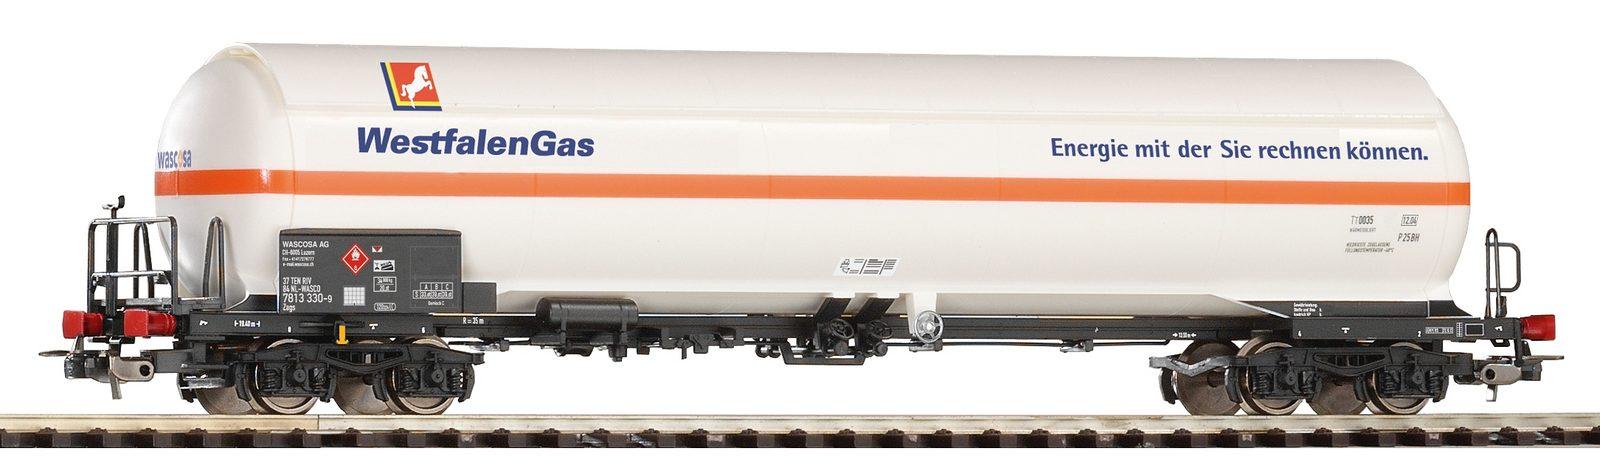 PIKO Güterwagen, Spur H0, »Druckkesselwagen Westfalengas WASCOSA - Gleichstrom« - broschei